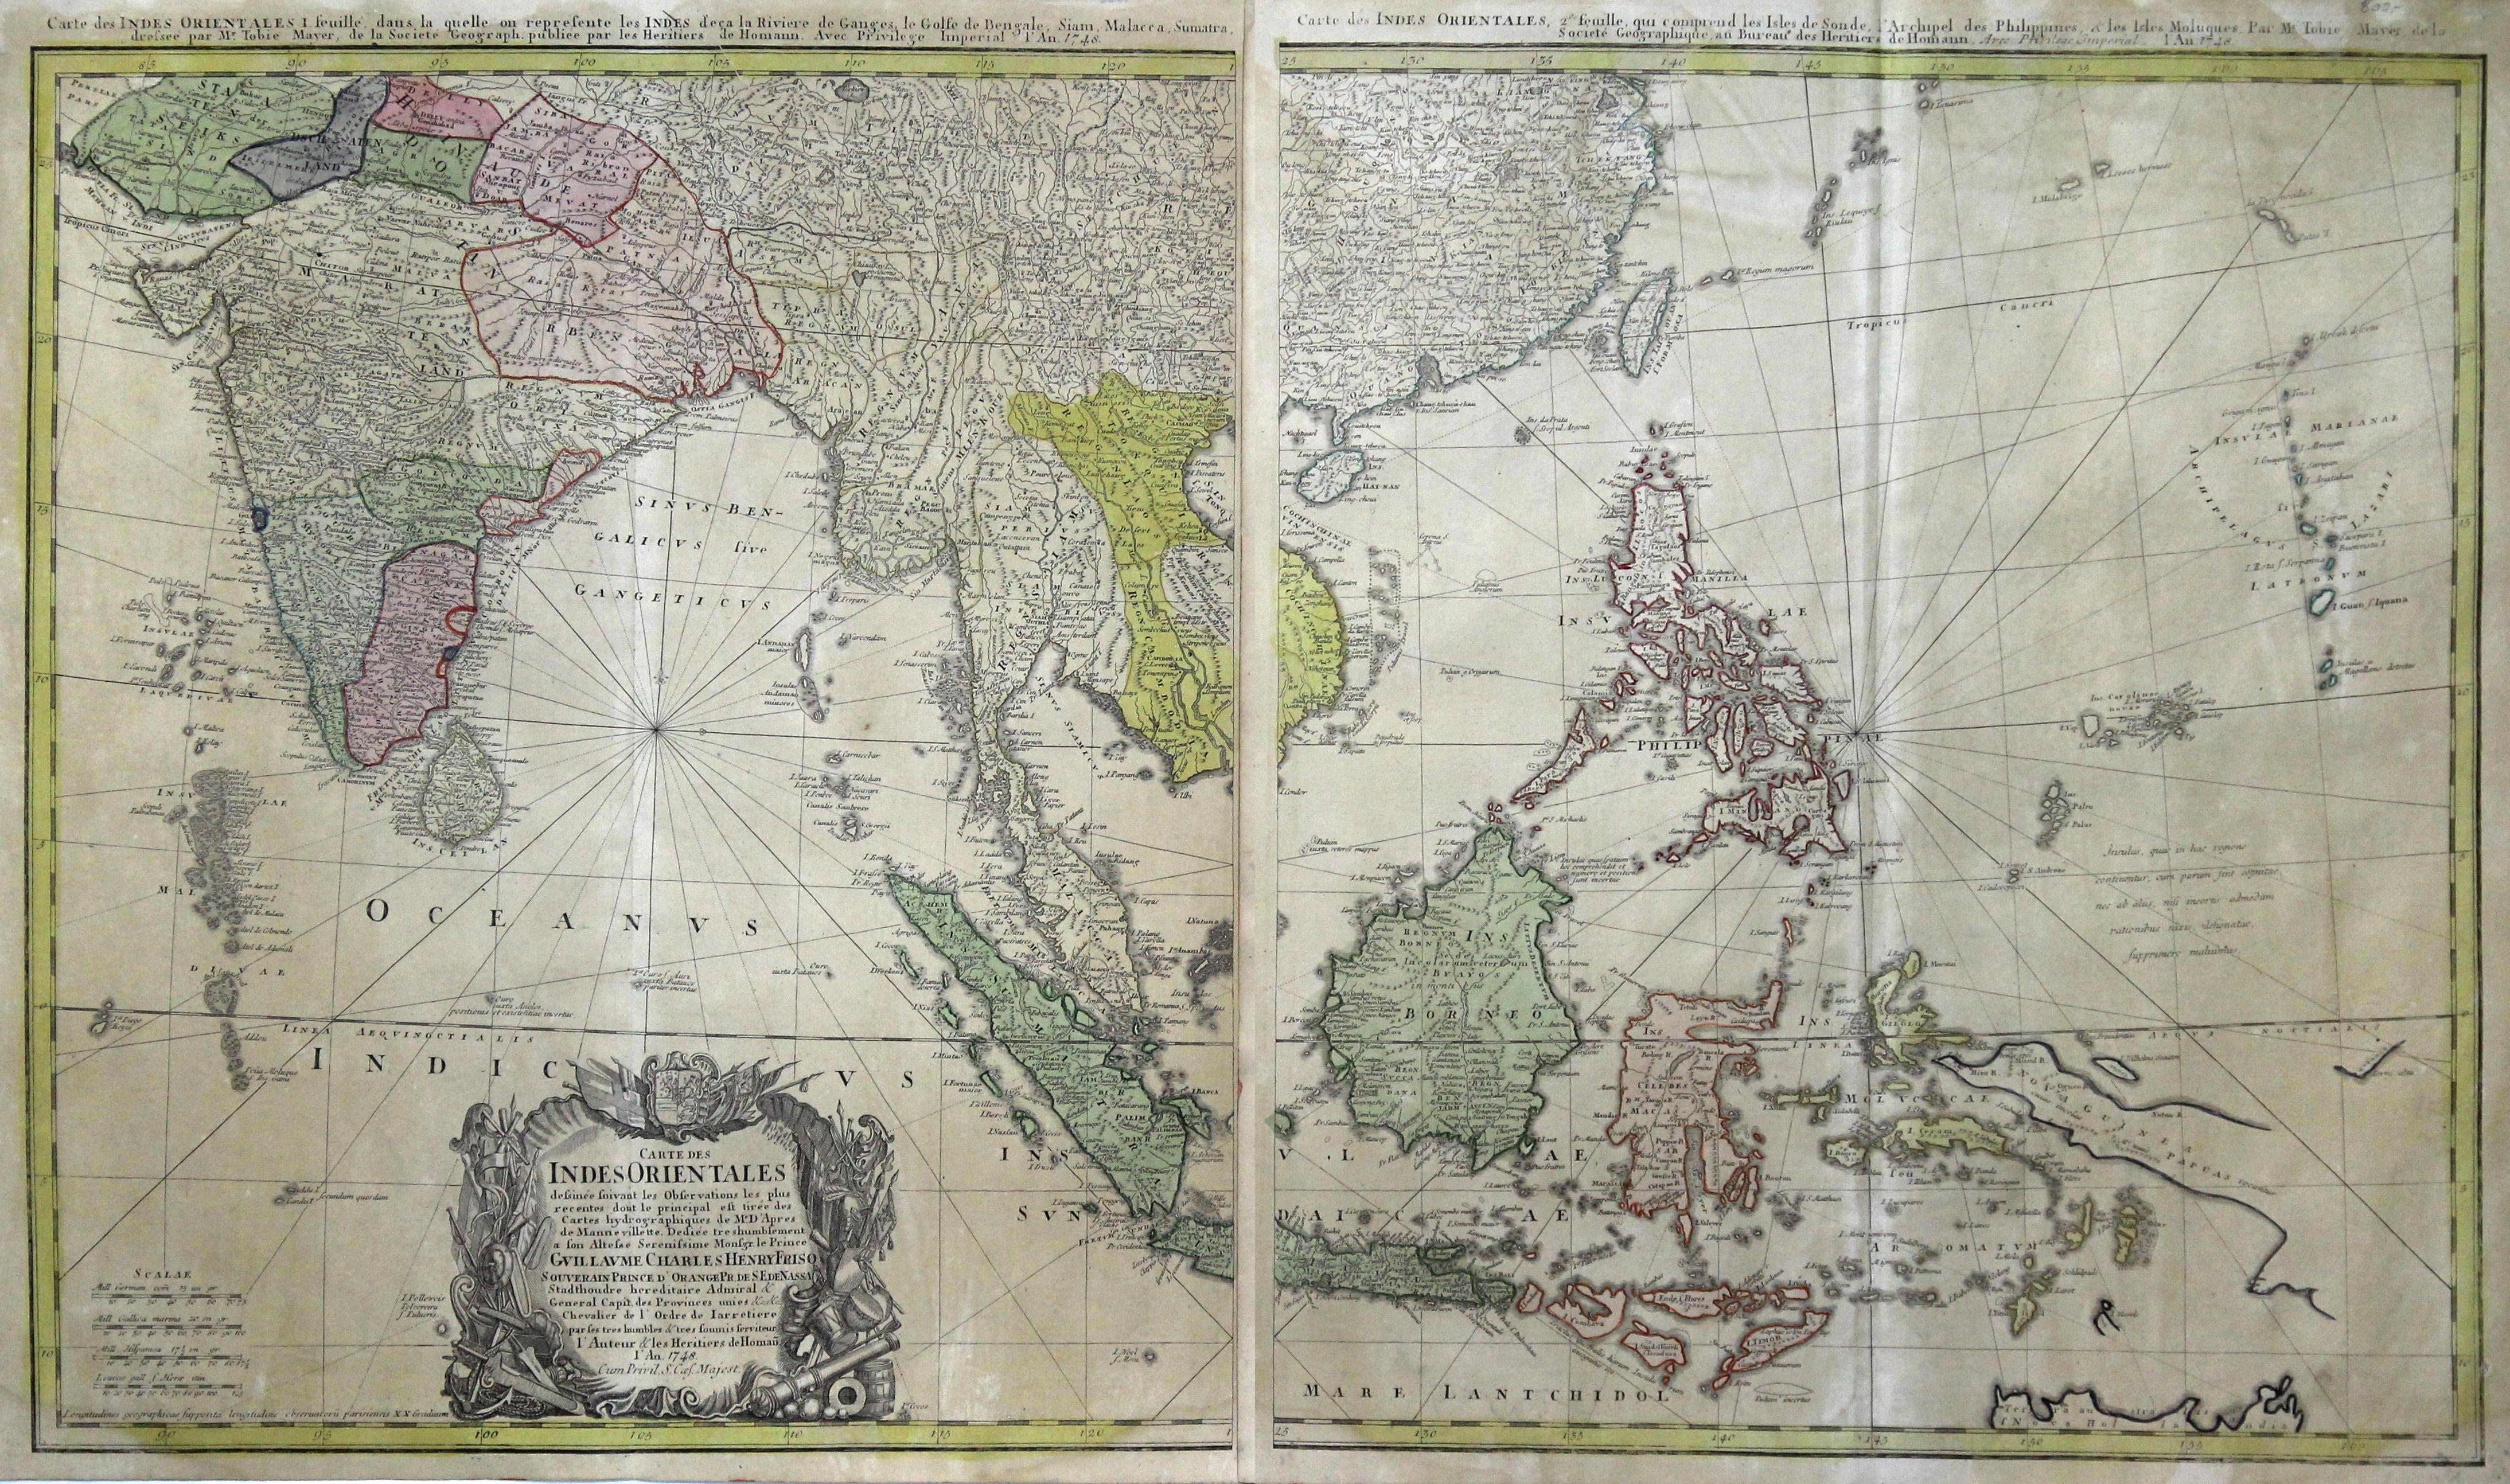 Kst.- Karte, v. 2 Platten gedruckt v.: Indien - Südostasien